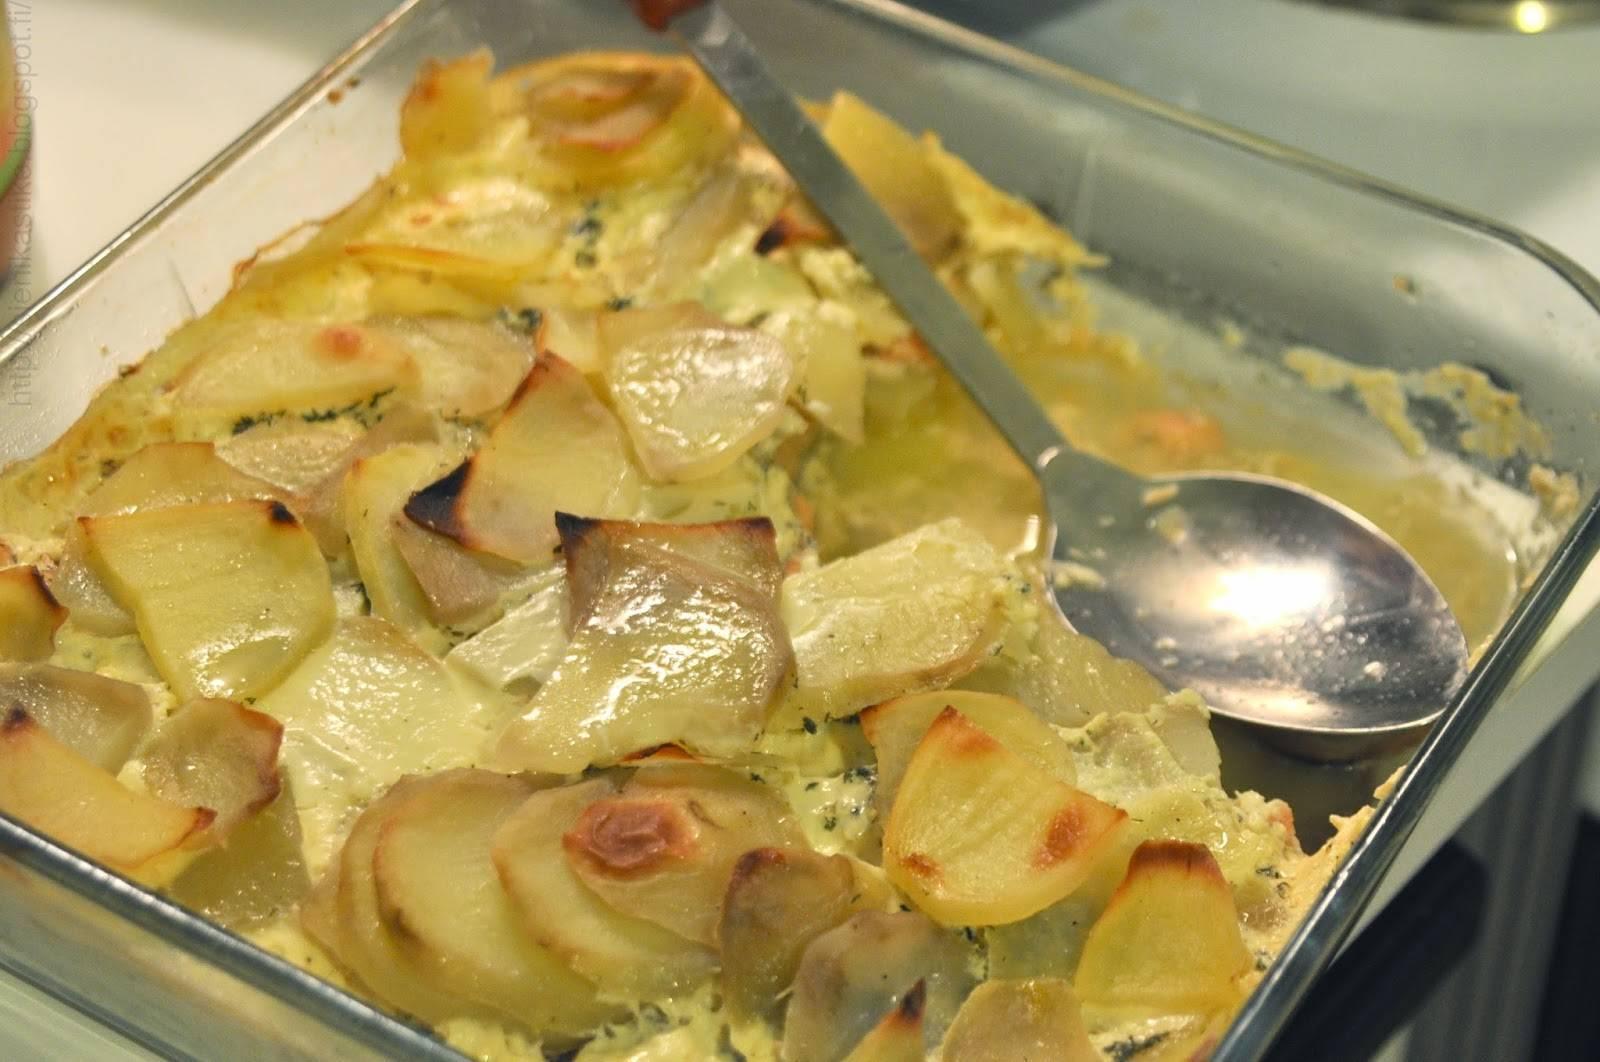 Рыба запеченная в духовке с картофелем рецепт с фото пошагово - 1000.menu